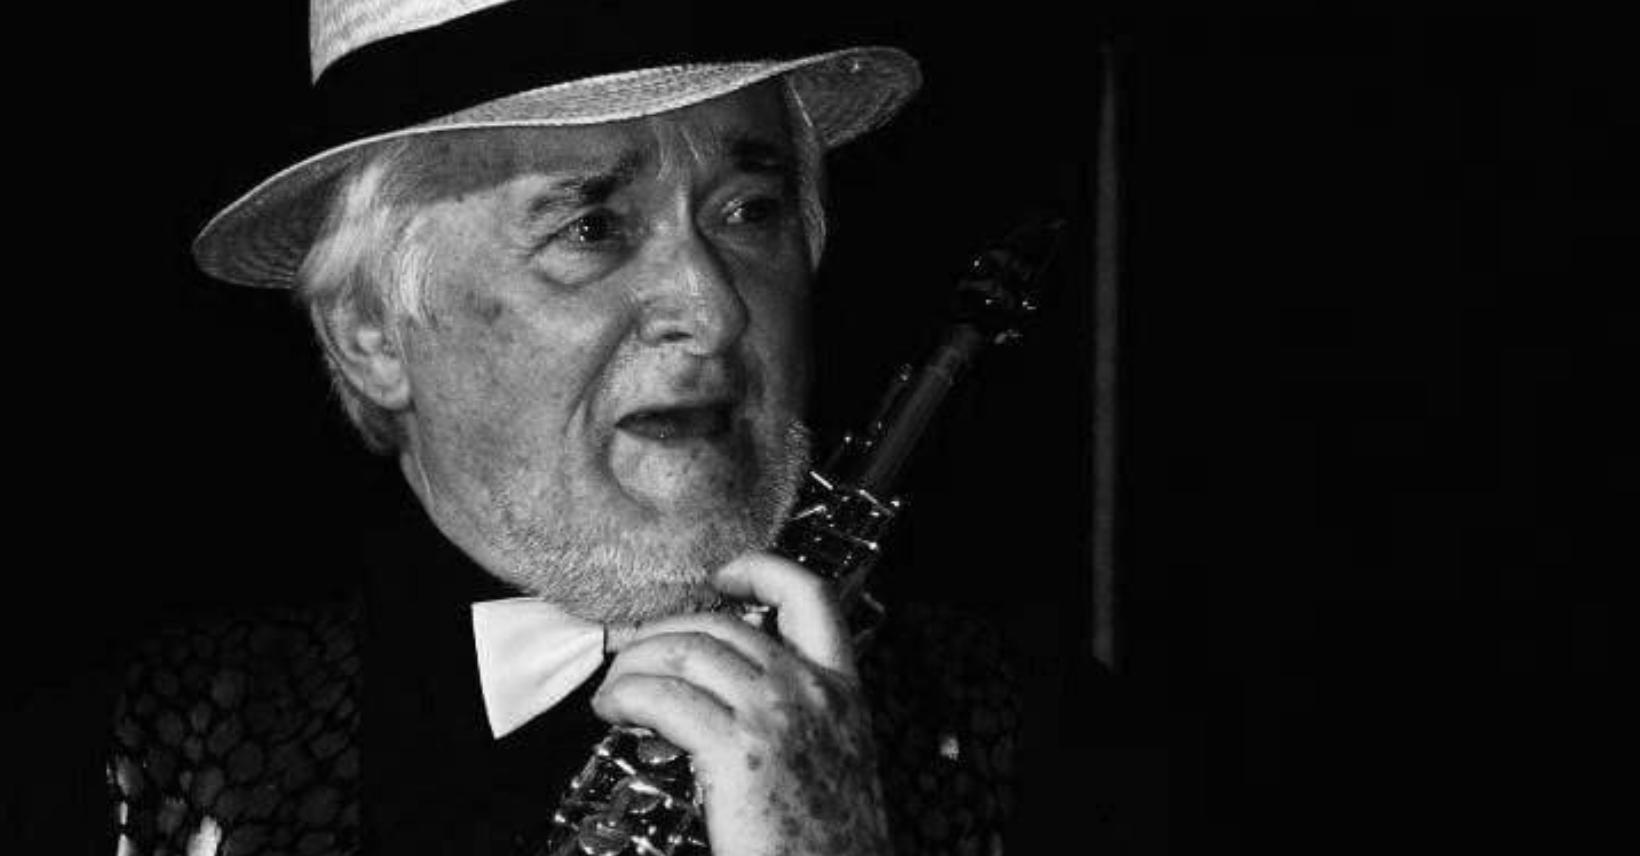 Zmarł Jerzy Dynia popularny podkarpacki dziennikarz, znawca muzyki folklorystycznej  - Zdjęcie główne